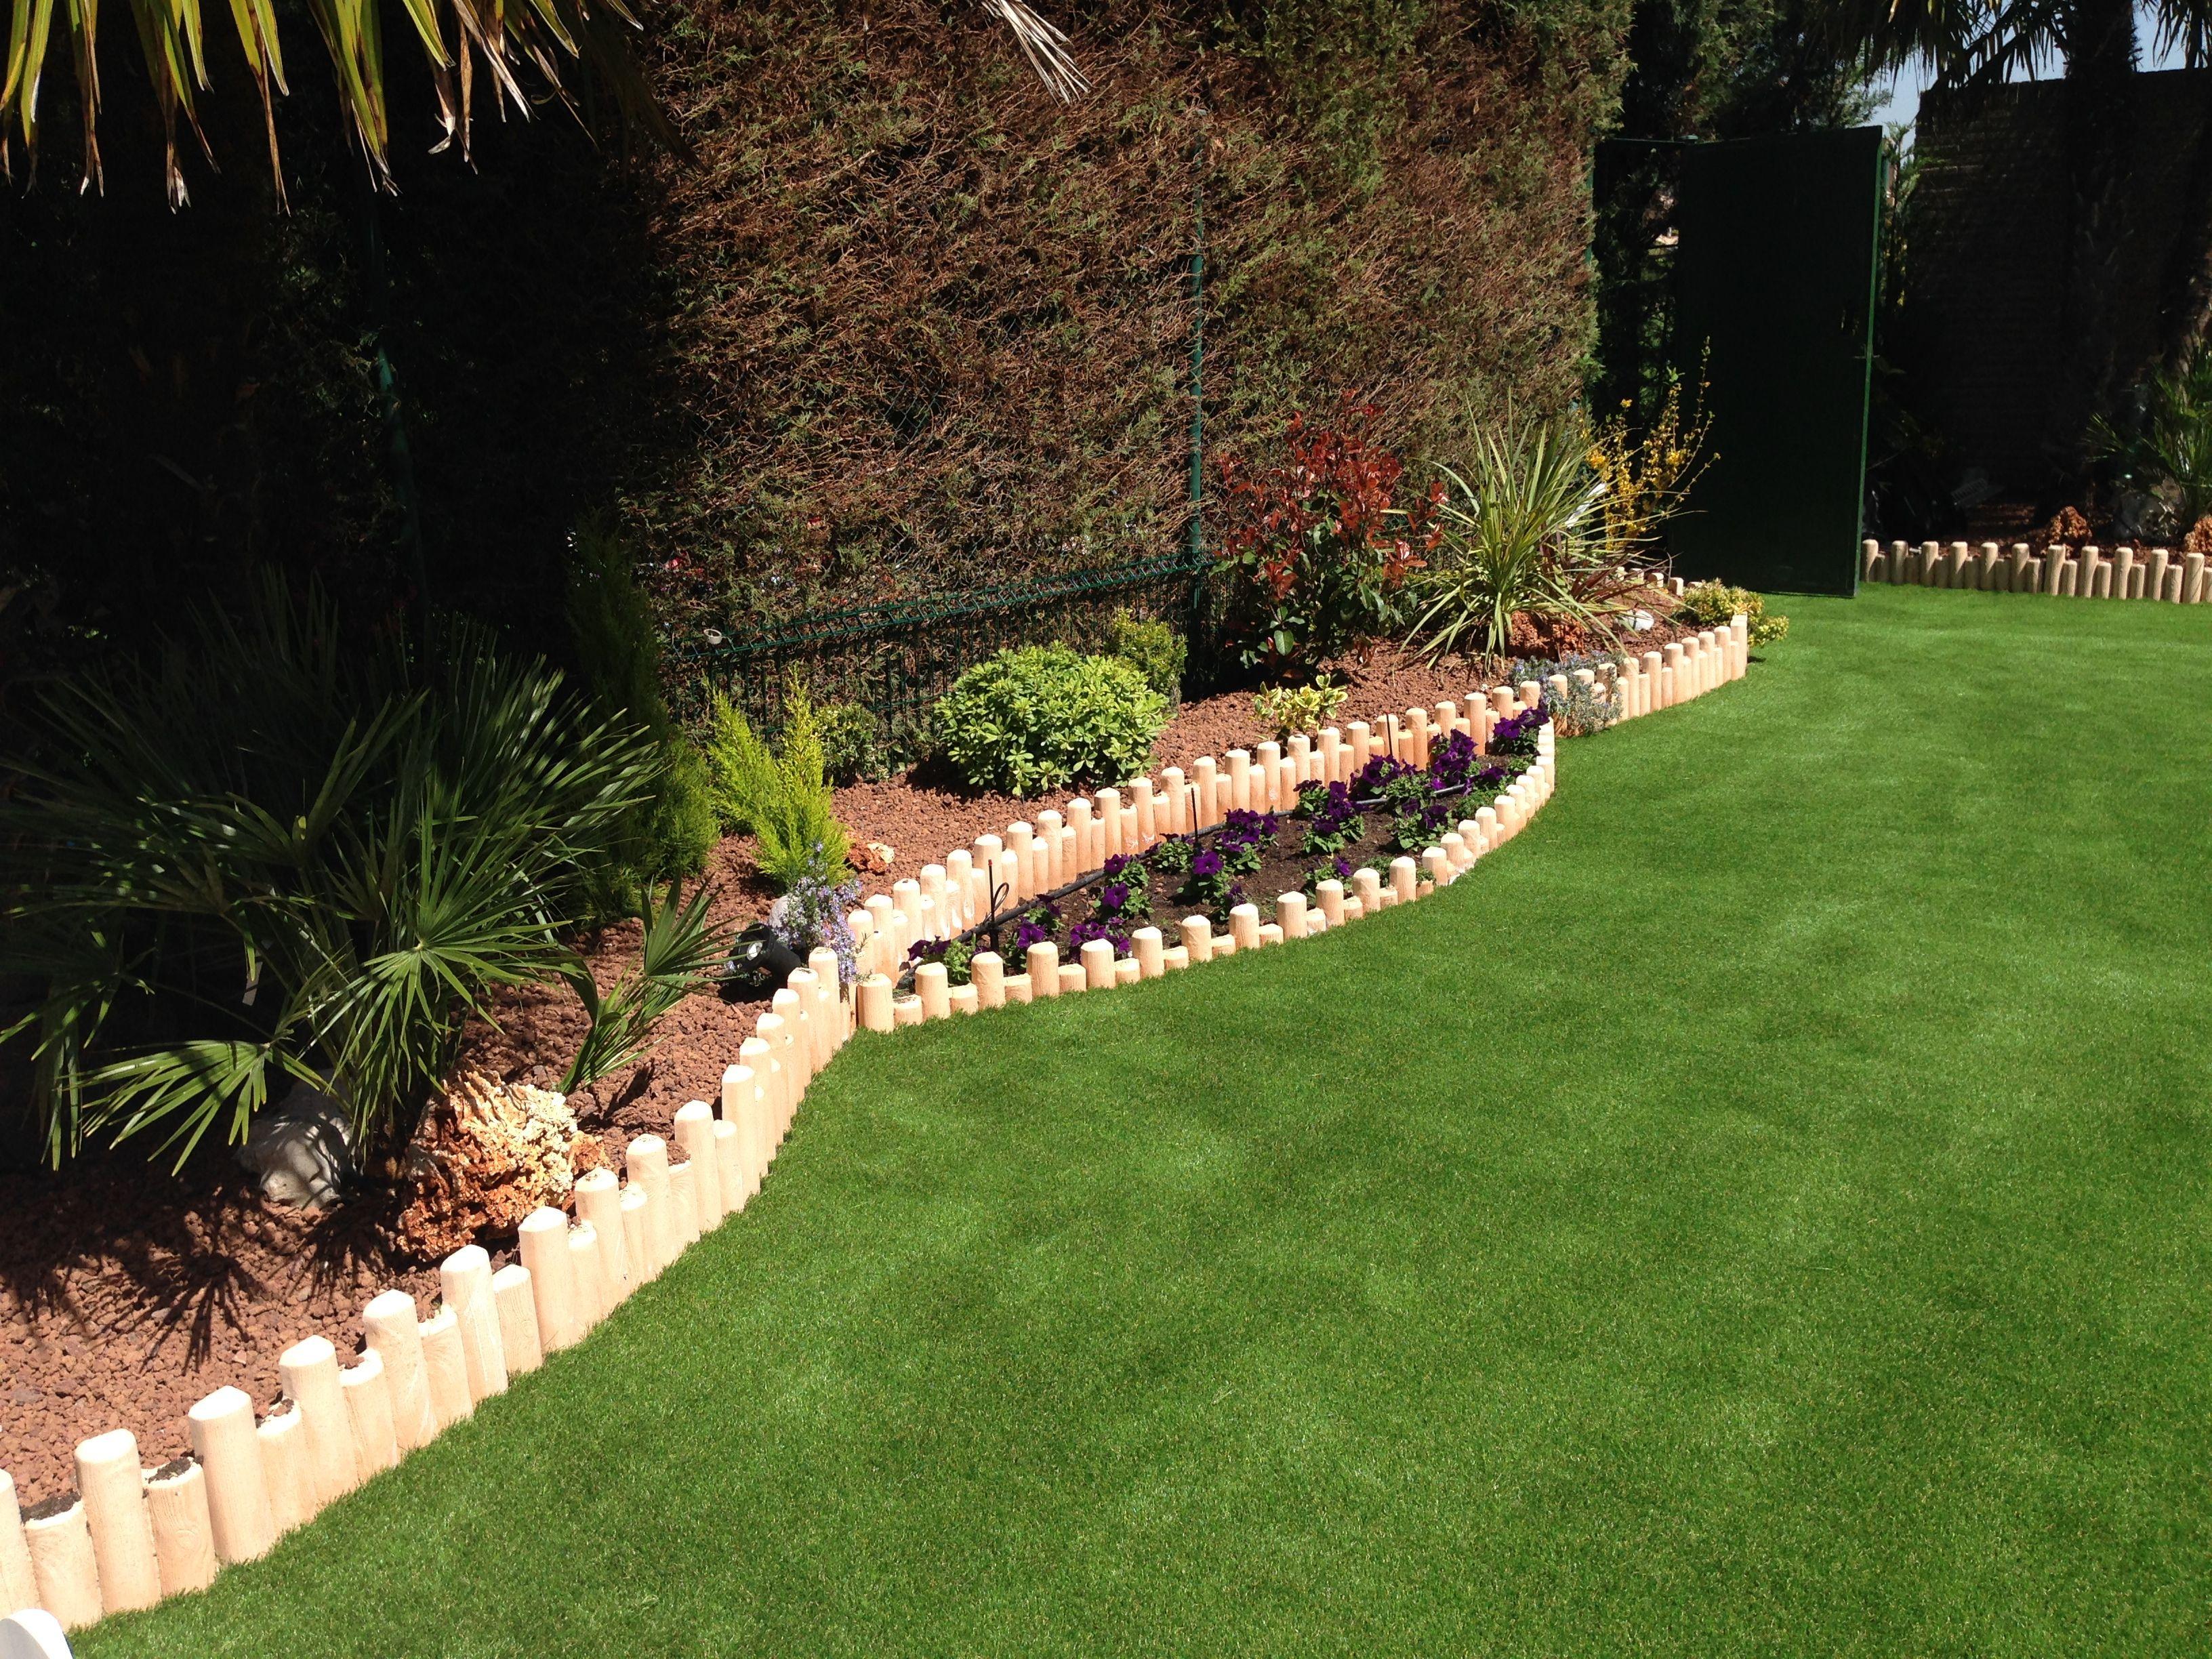 Proyecto de jardiner a con jardineras de obra pinstadas en - Cesped artificial tarkett ...